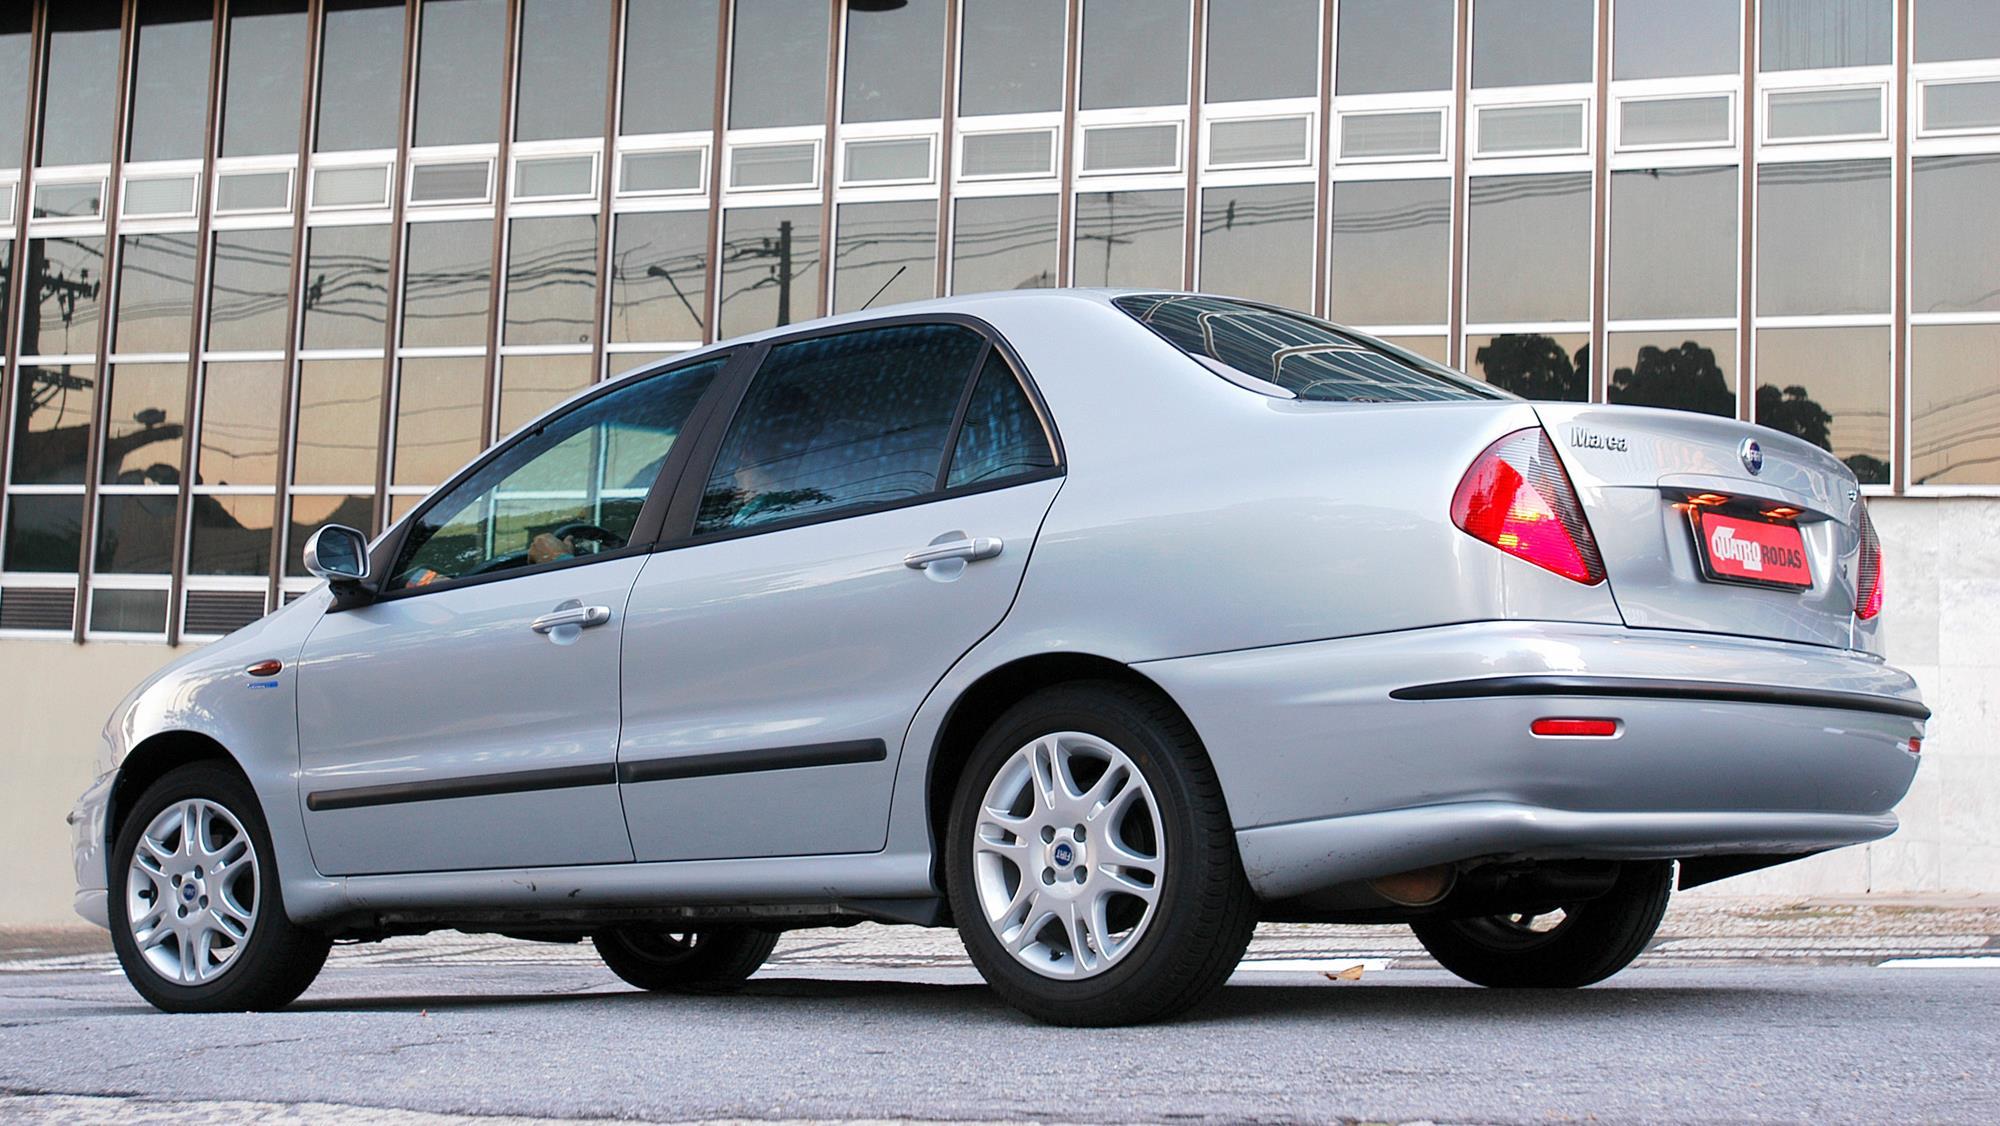 Marea SX 1.6 16V, modelo 2006 da Fiat, testado pela revista Quatro Rodas._1